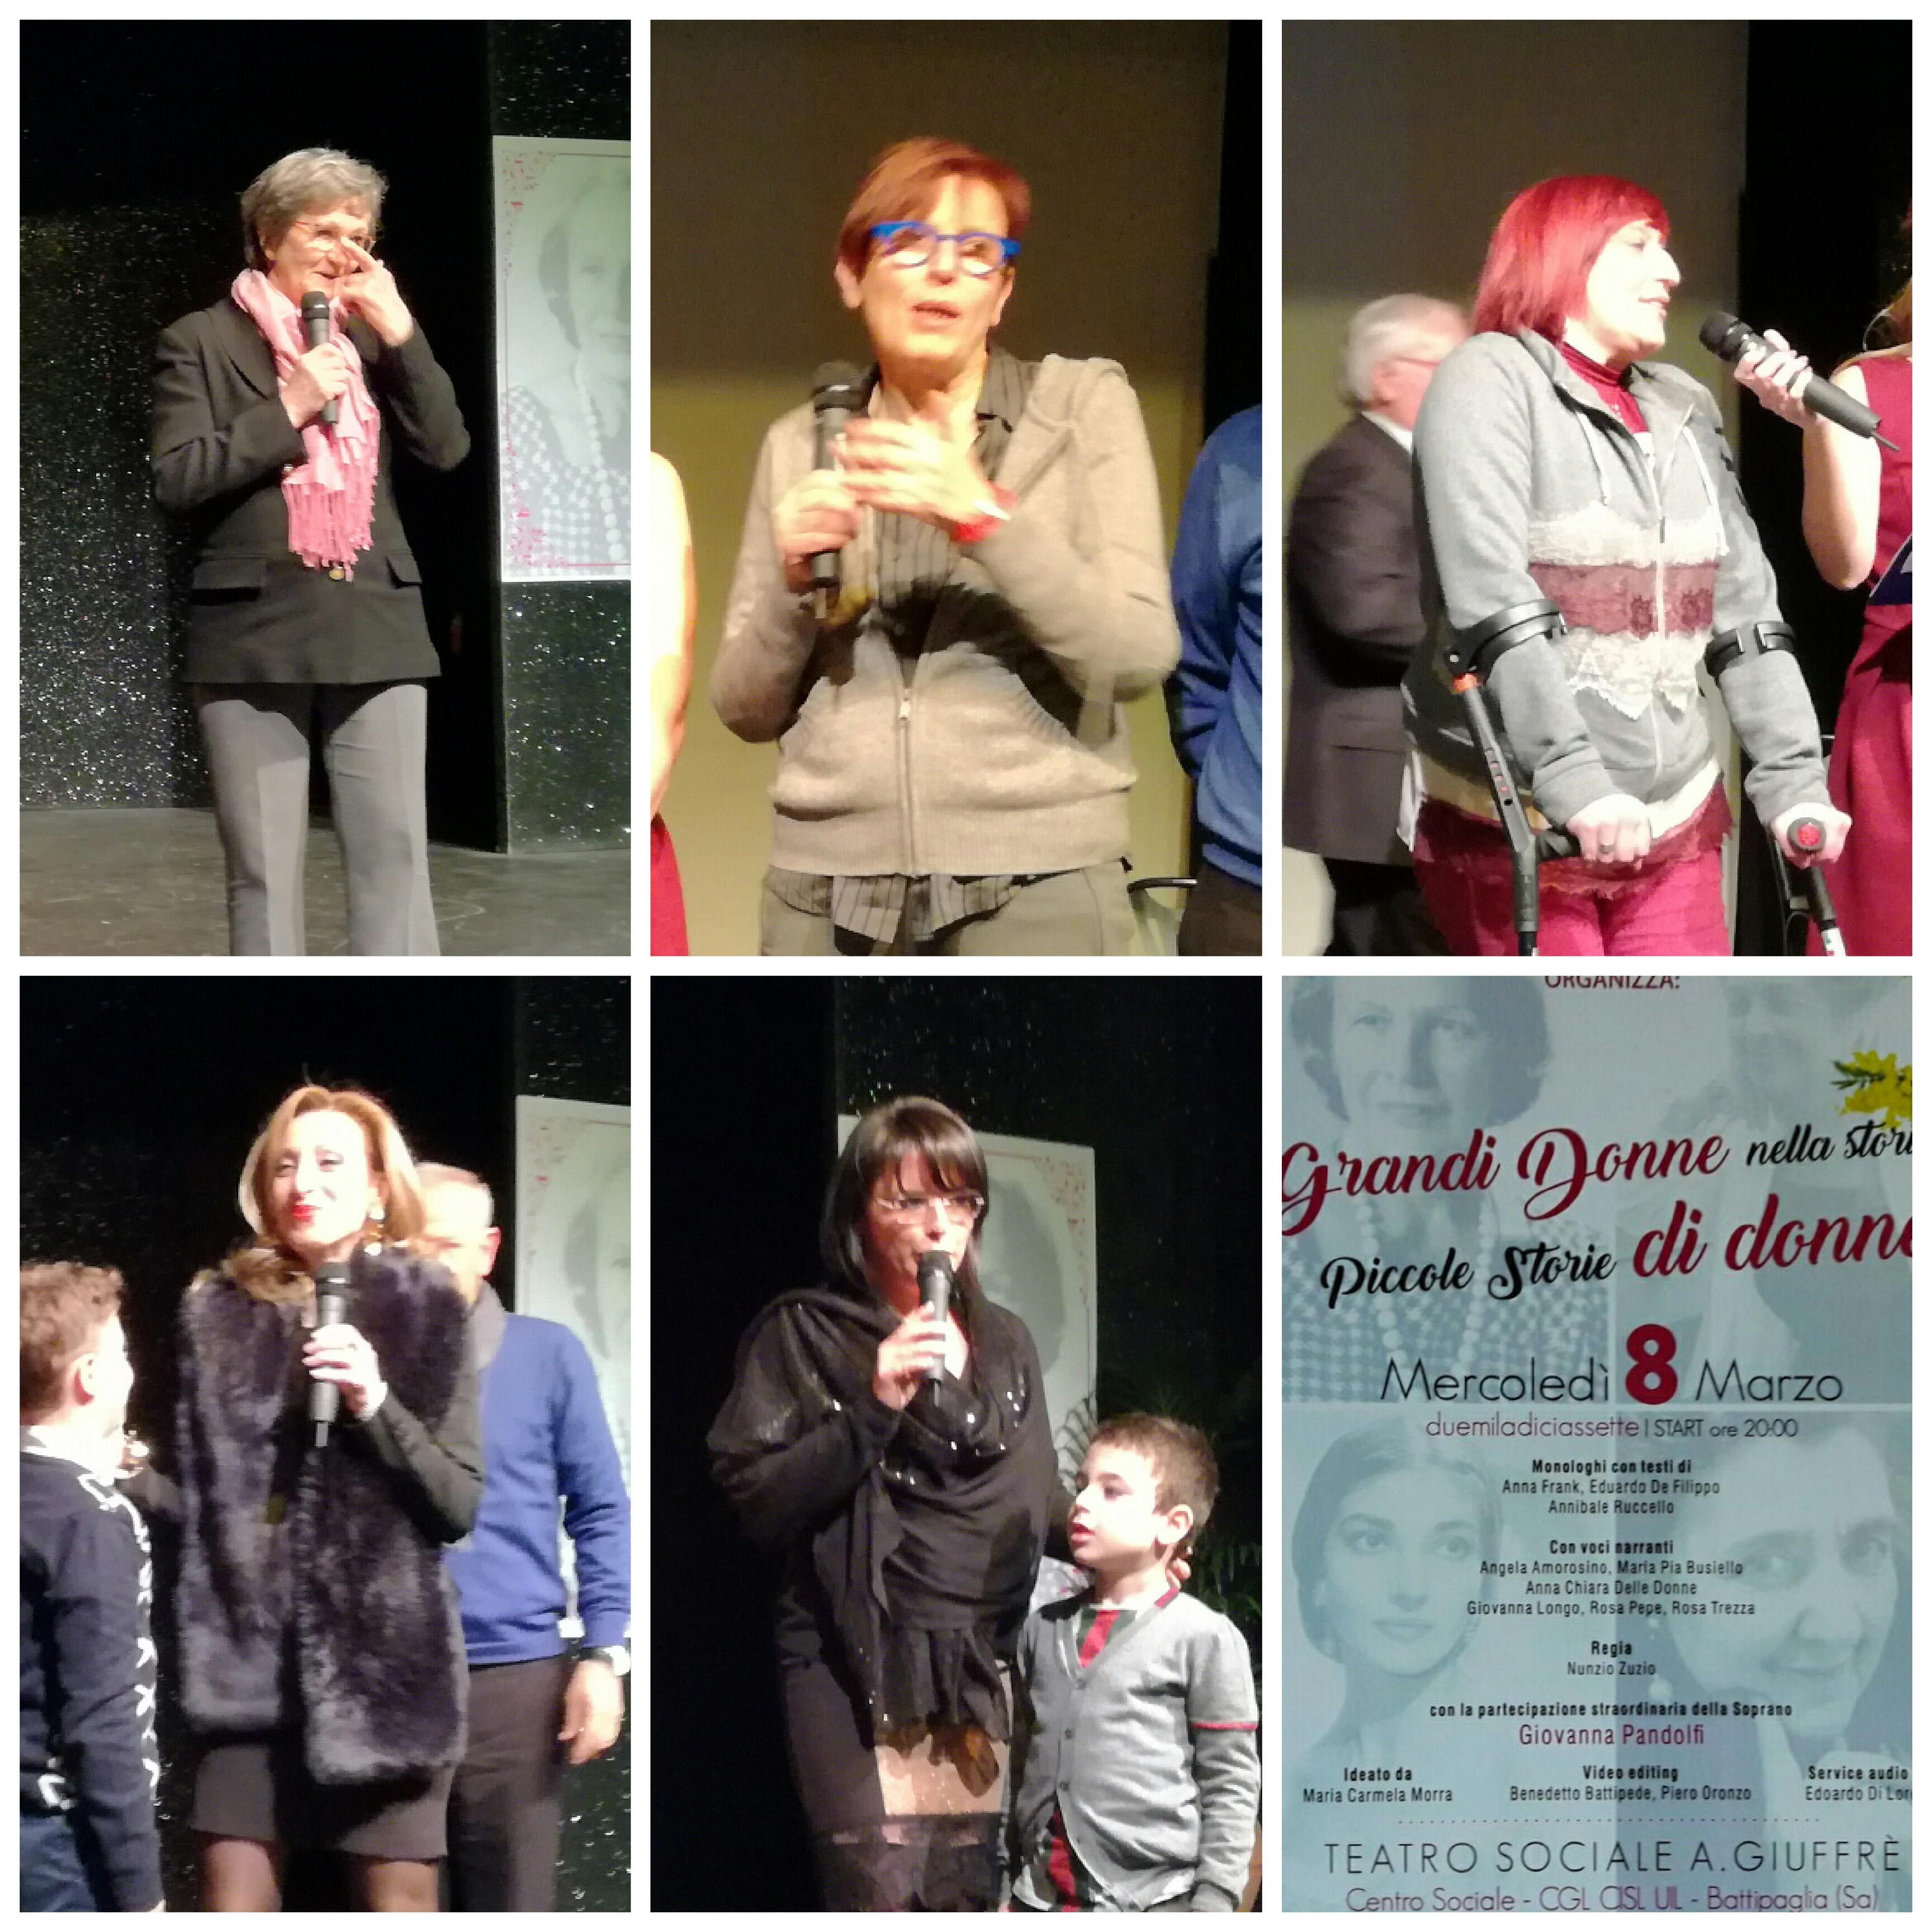 Battipaglia-festa della Donna-premiazione-Umberta Basso-Cecilia Francese-Anna Bruno-Daniela Palma-Elisa Vitolo